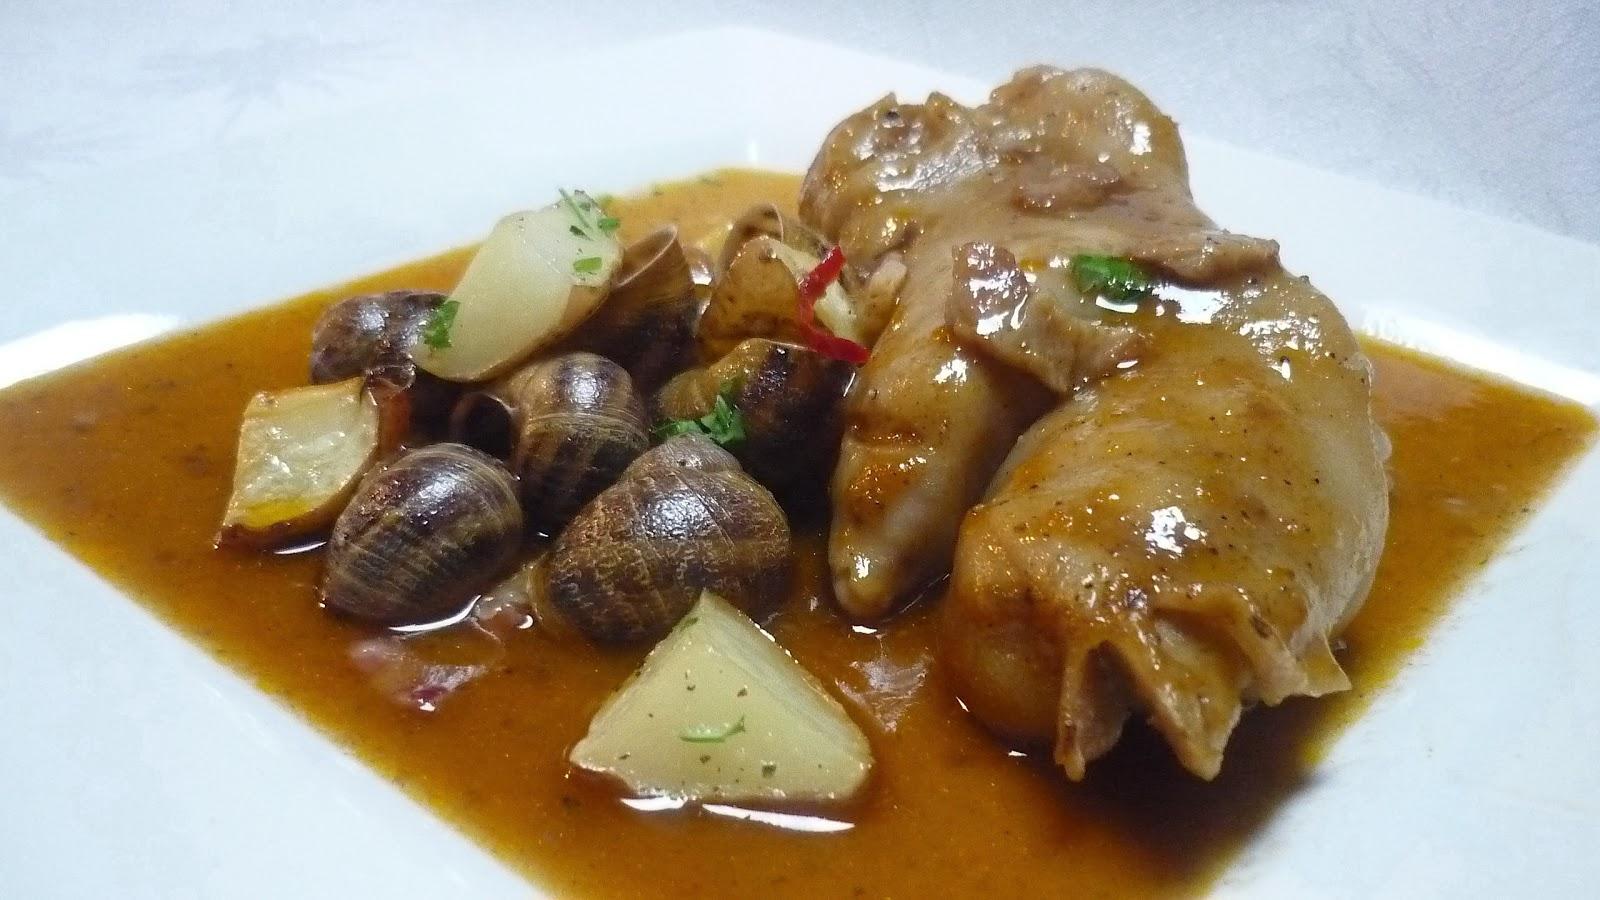 La francesa aux fourneaux pieds de porc et escargots - Cuisiner des pieds de porc ...